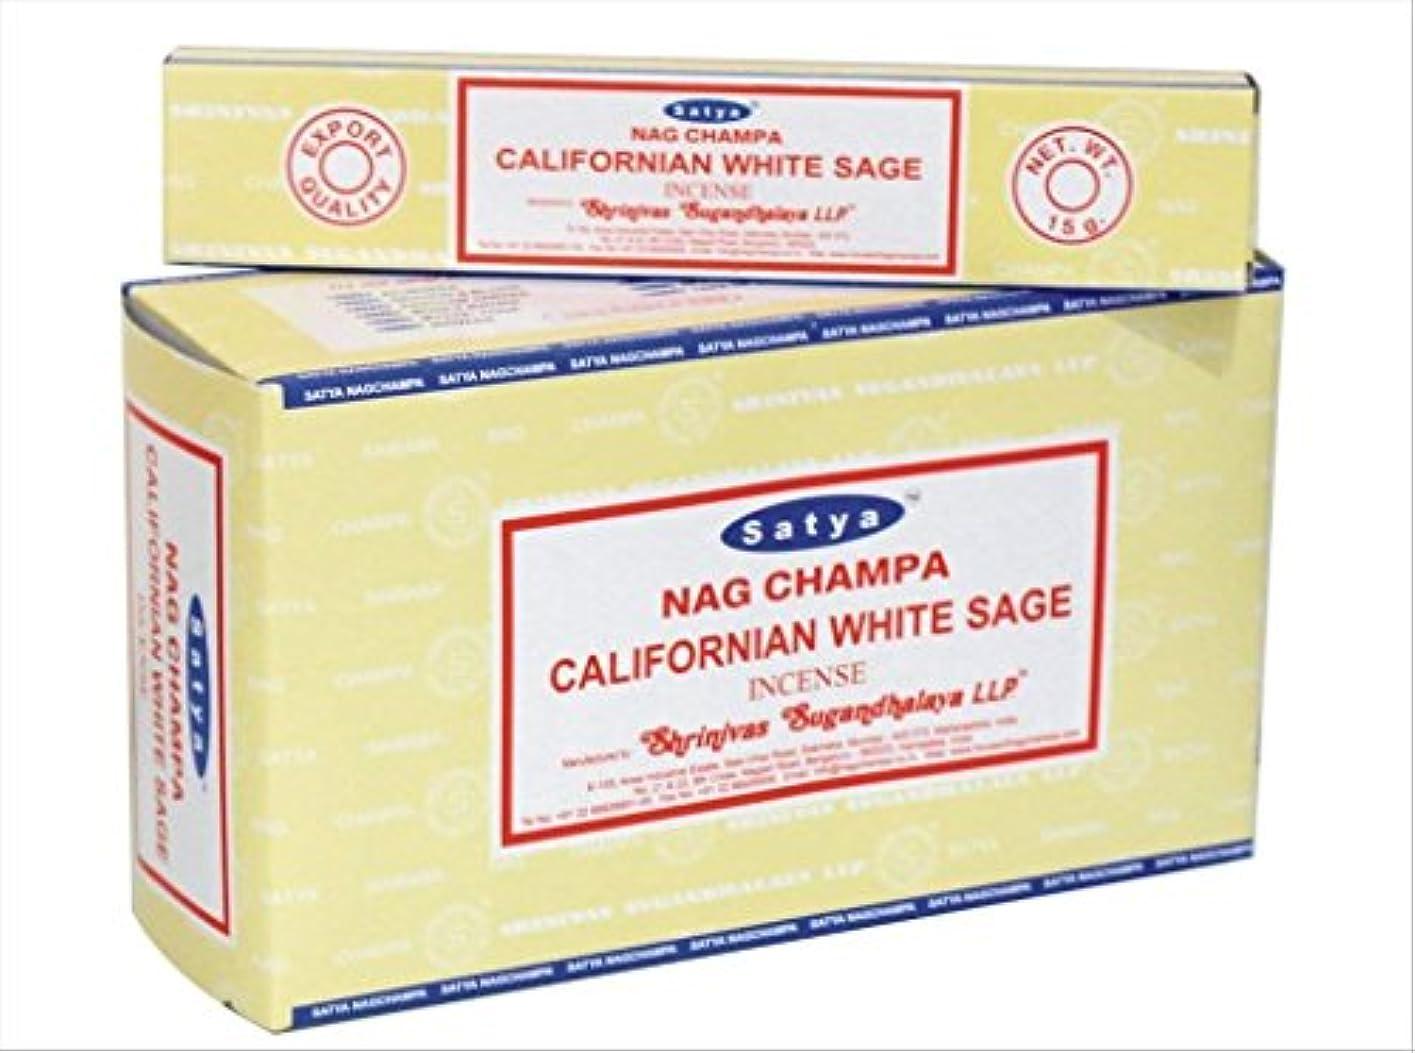 マウンドヘア包帯chi-city Mall Satya Nag Champa Californianホワイトセージお香|署名Fragrance | Net Wt : 15 g x 12ボックス= 180 g | Exclusivelyインド...